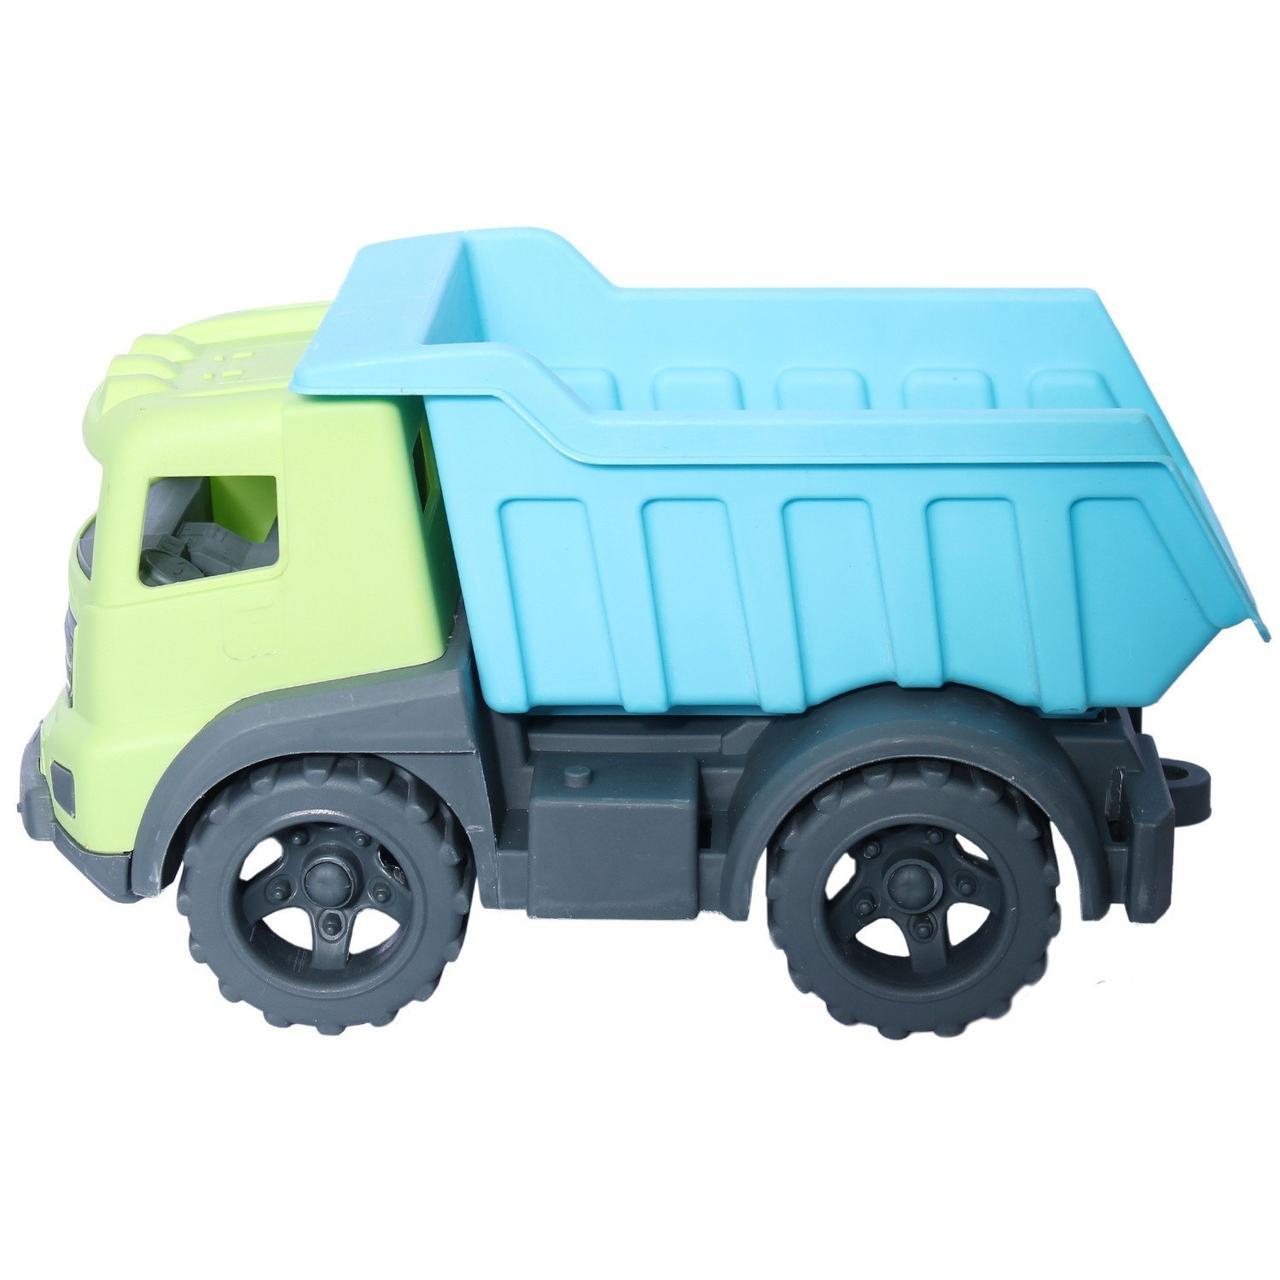 """Грузовик """"Казик"""" (зелёный + голубой) в коробке 25 см"""